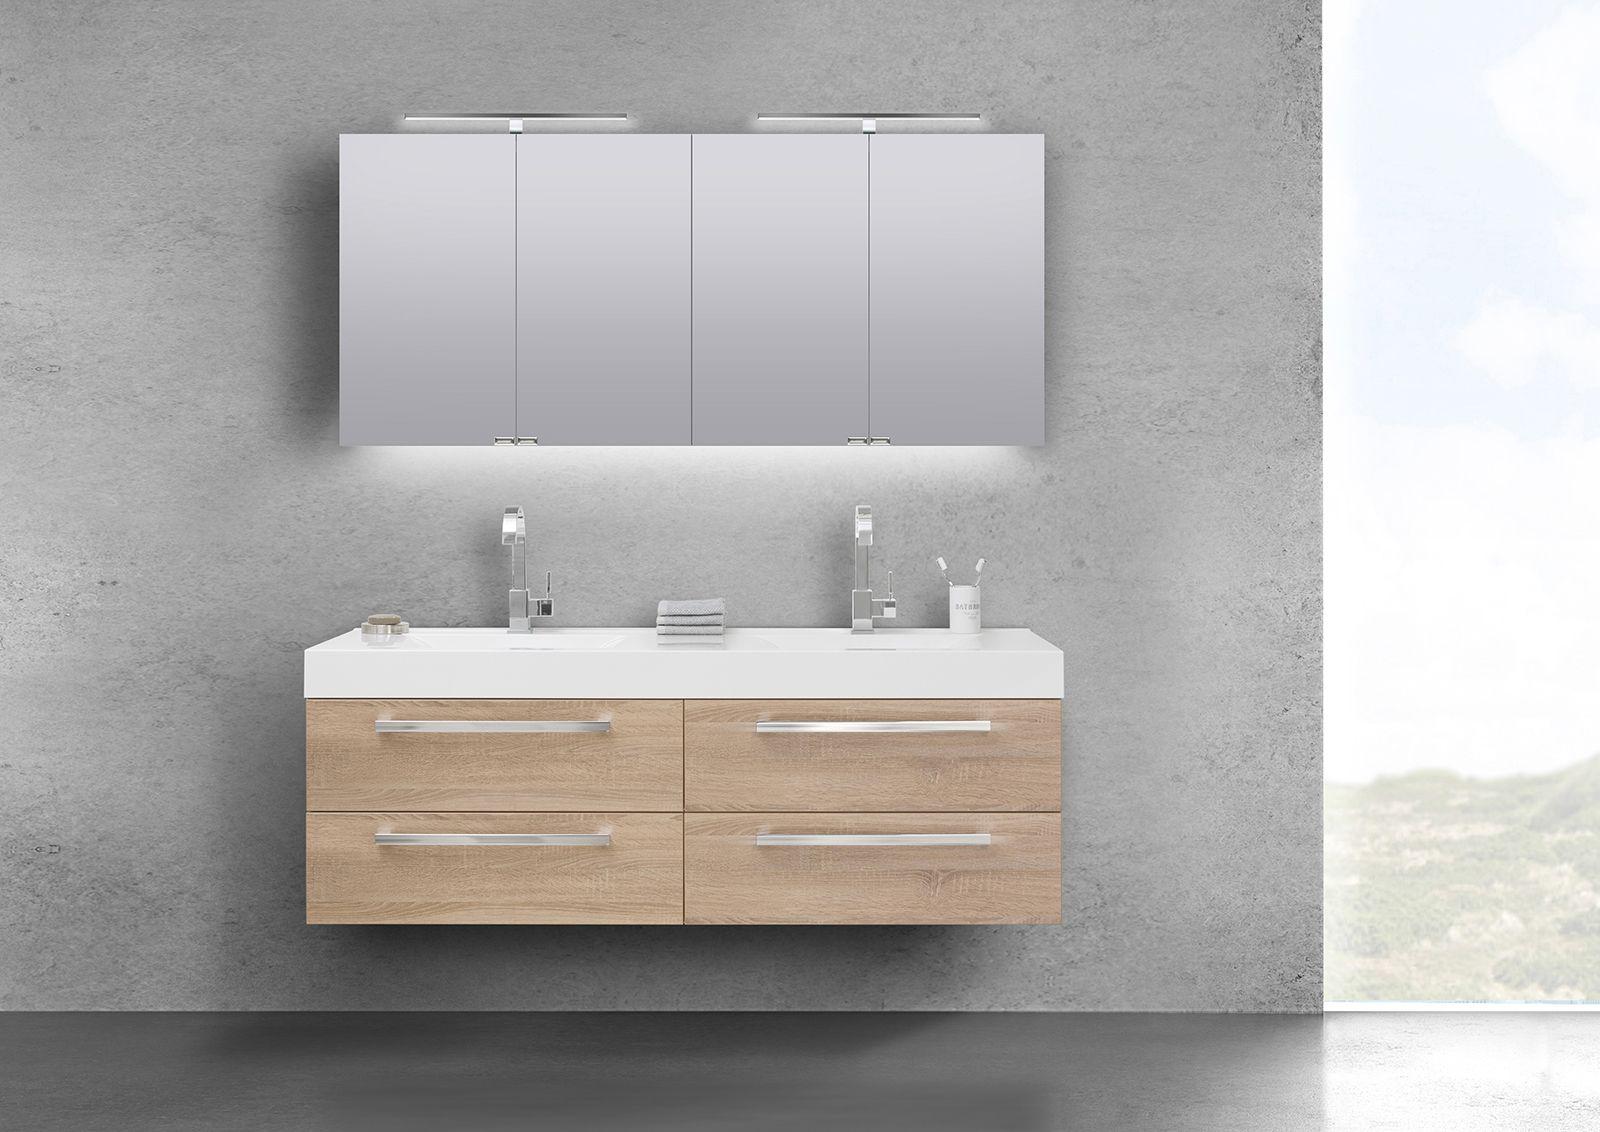 Badmöbel Set Doppelwaschtisch 160 cm mit 4 Auszügen und Spiegelschrank